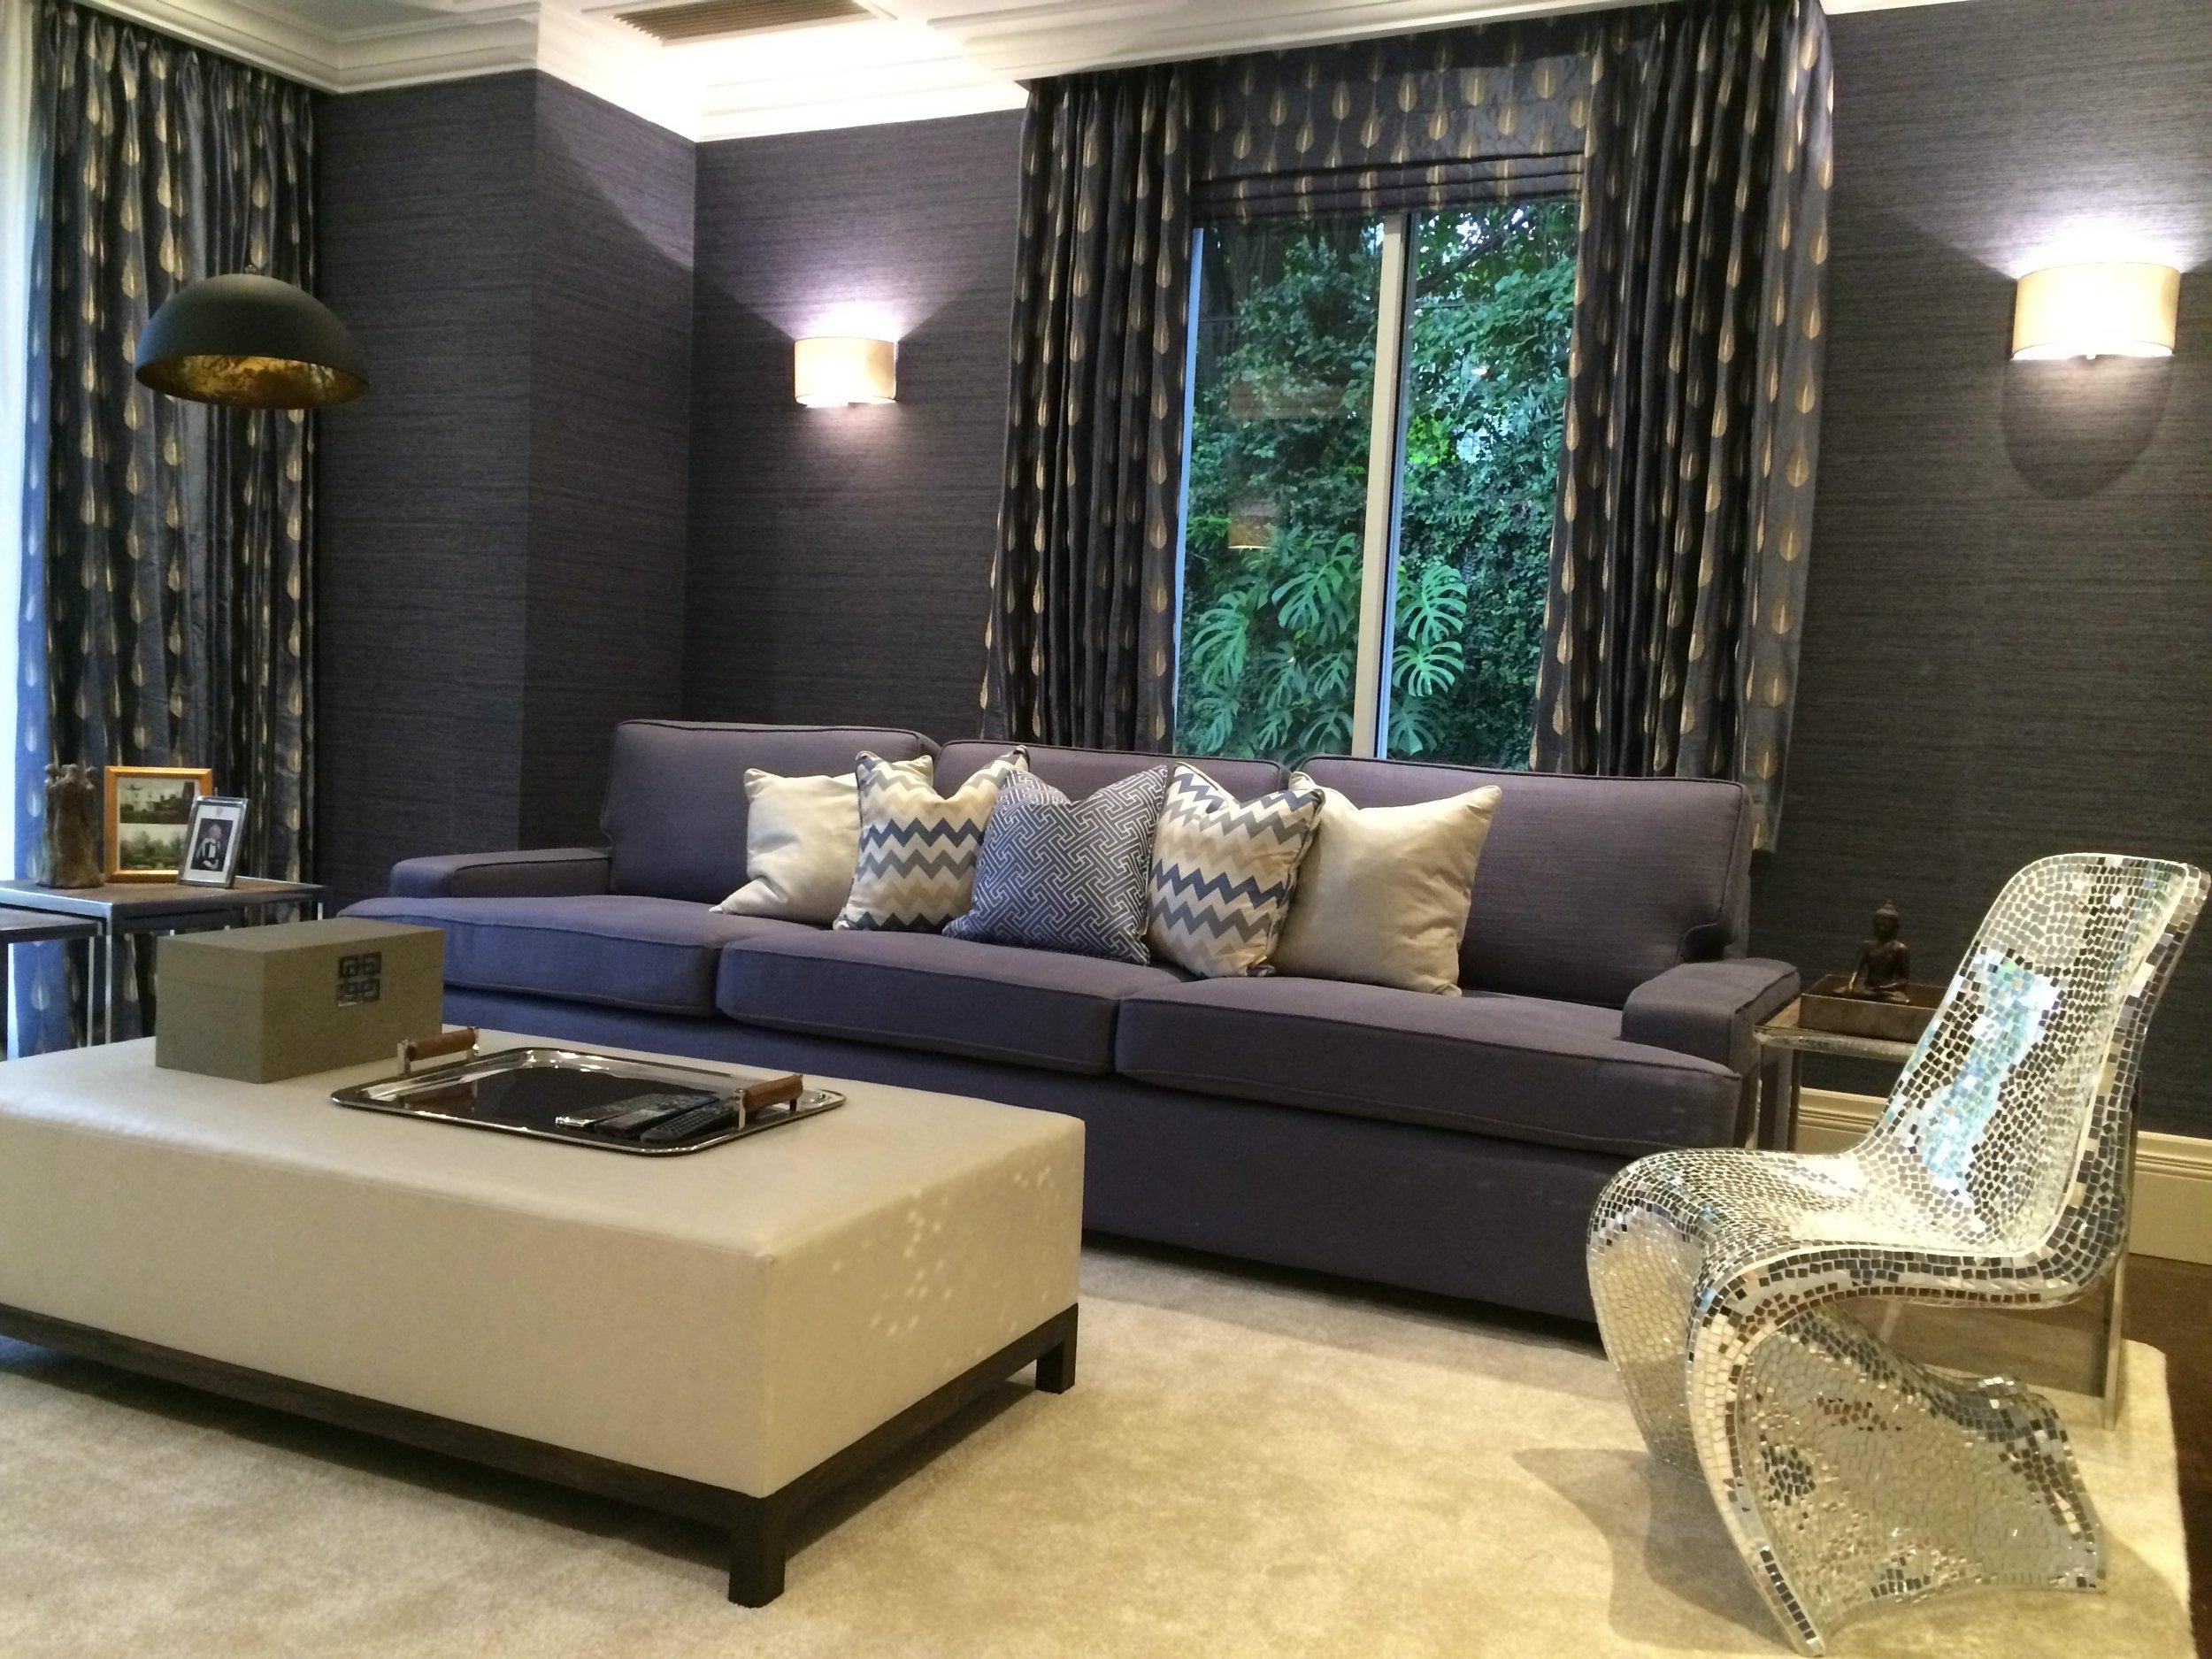 45cms square Sofa Cushions.jpg